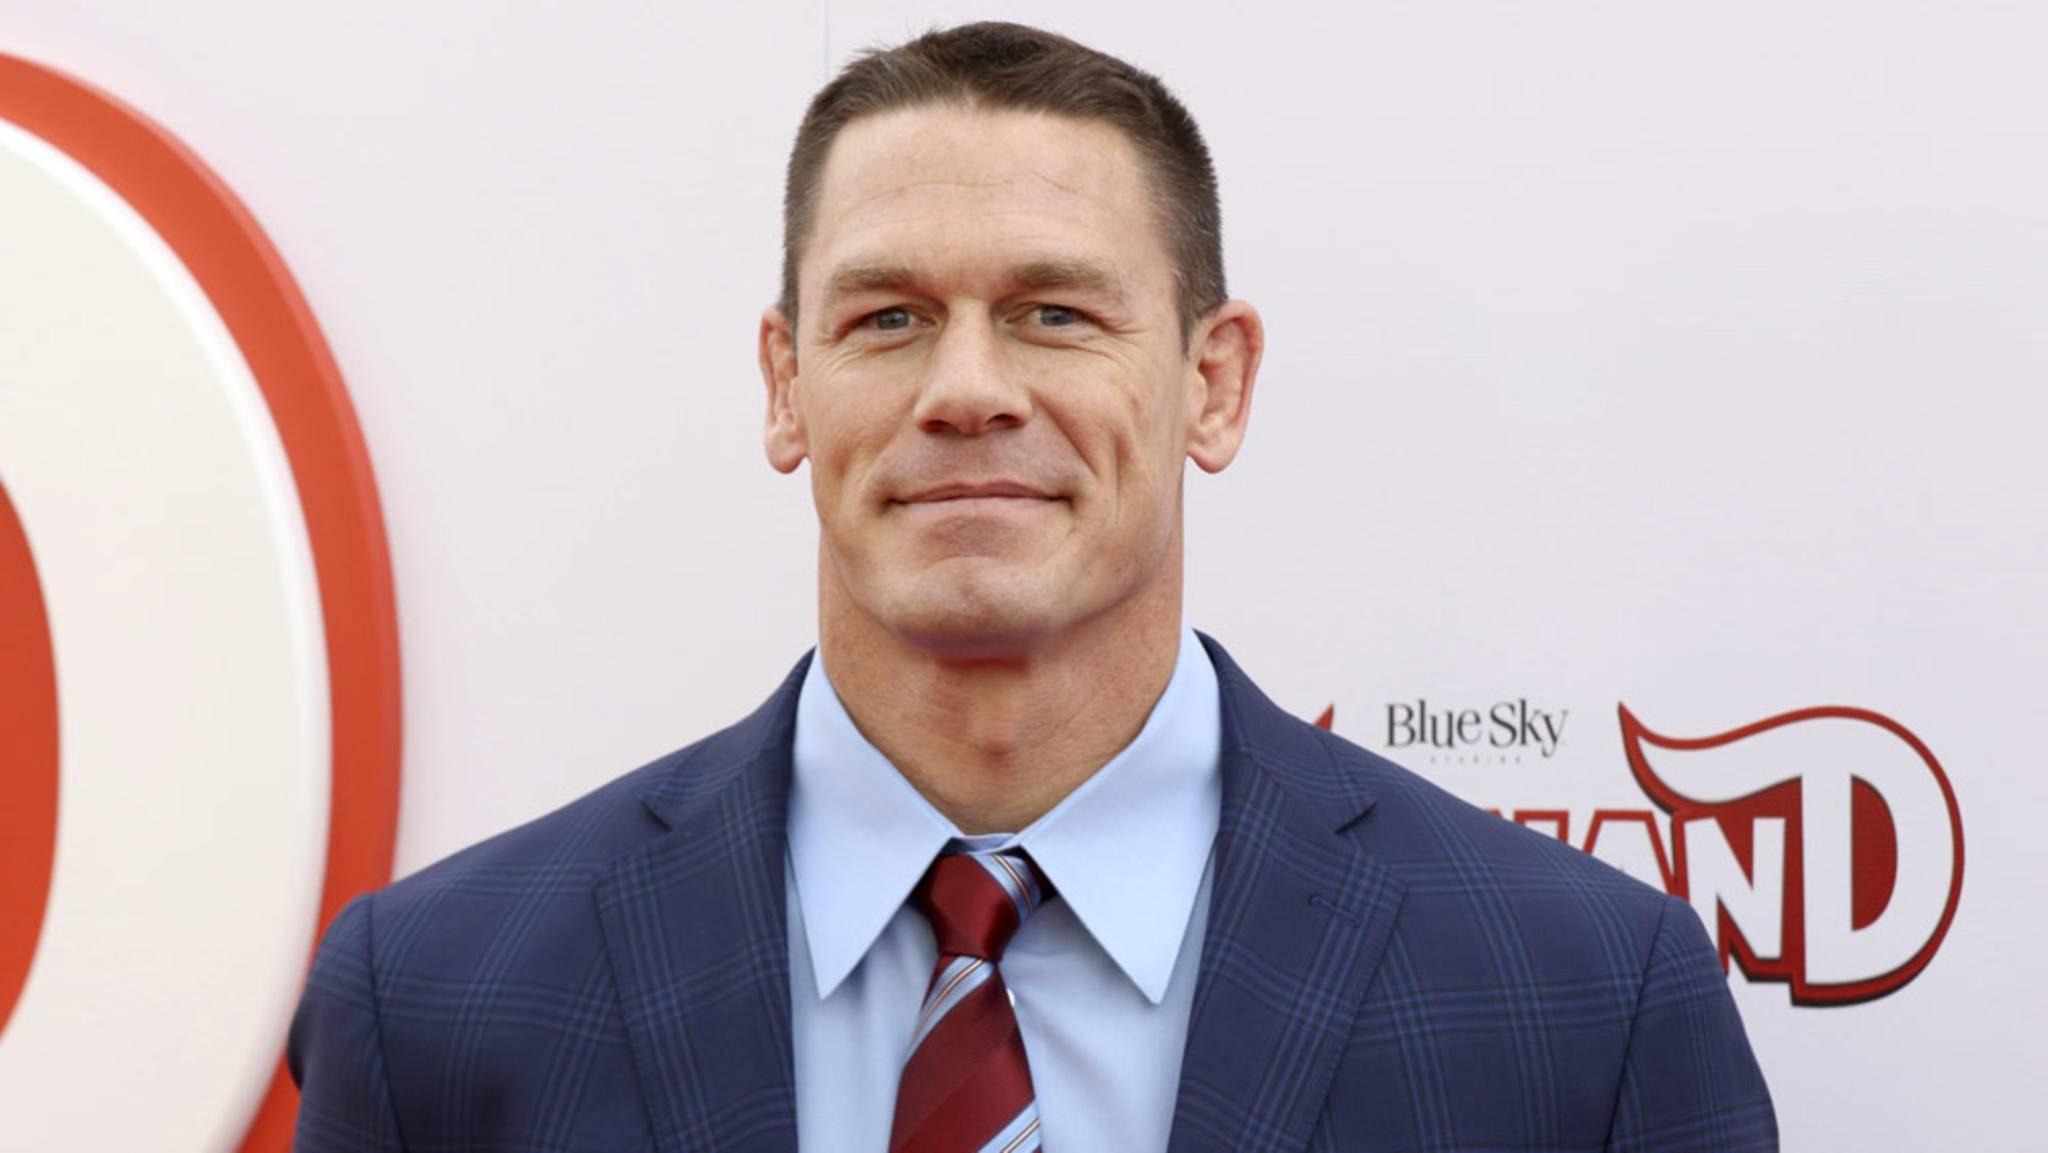 Keine Frage: Rein äußerlich wäre John Cena eine gute Wahl für die Besetzung von Duke Nukem.